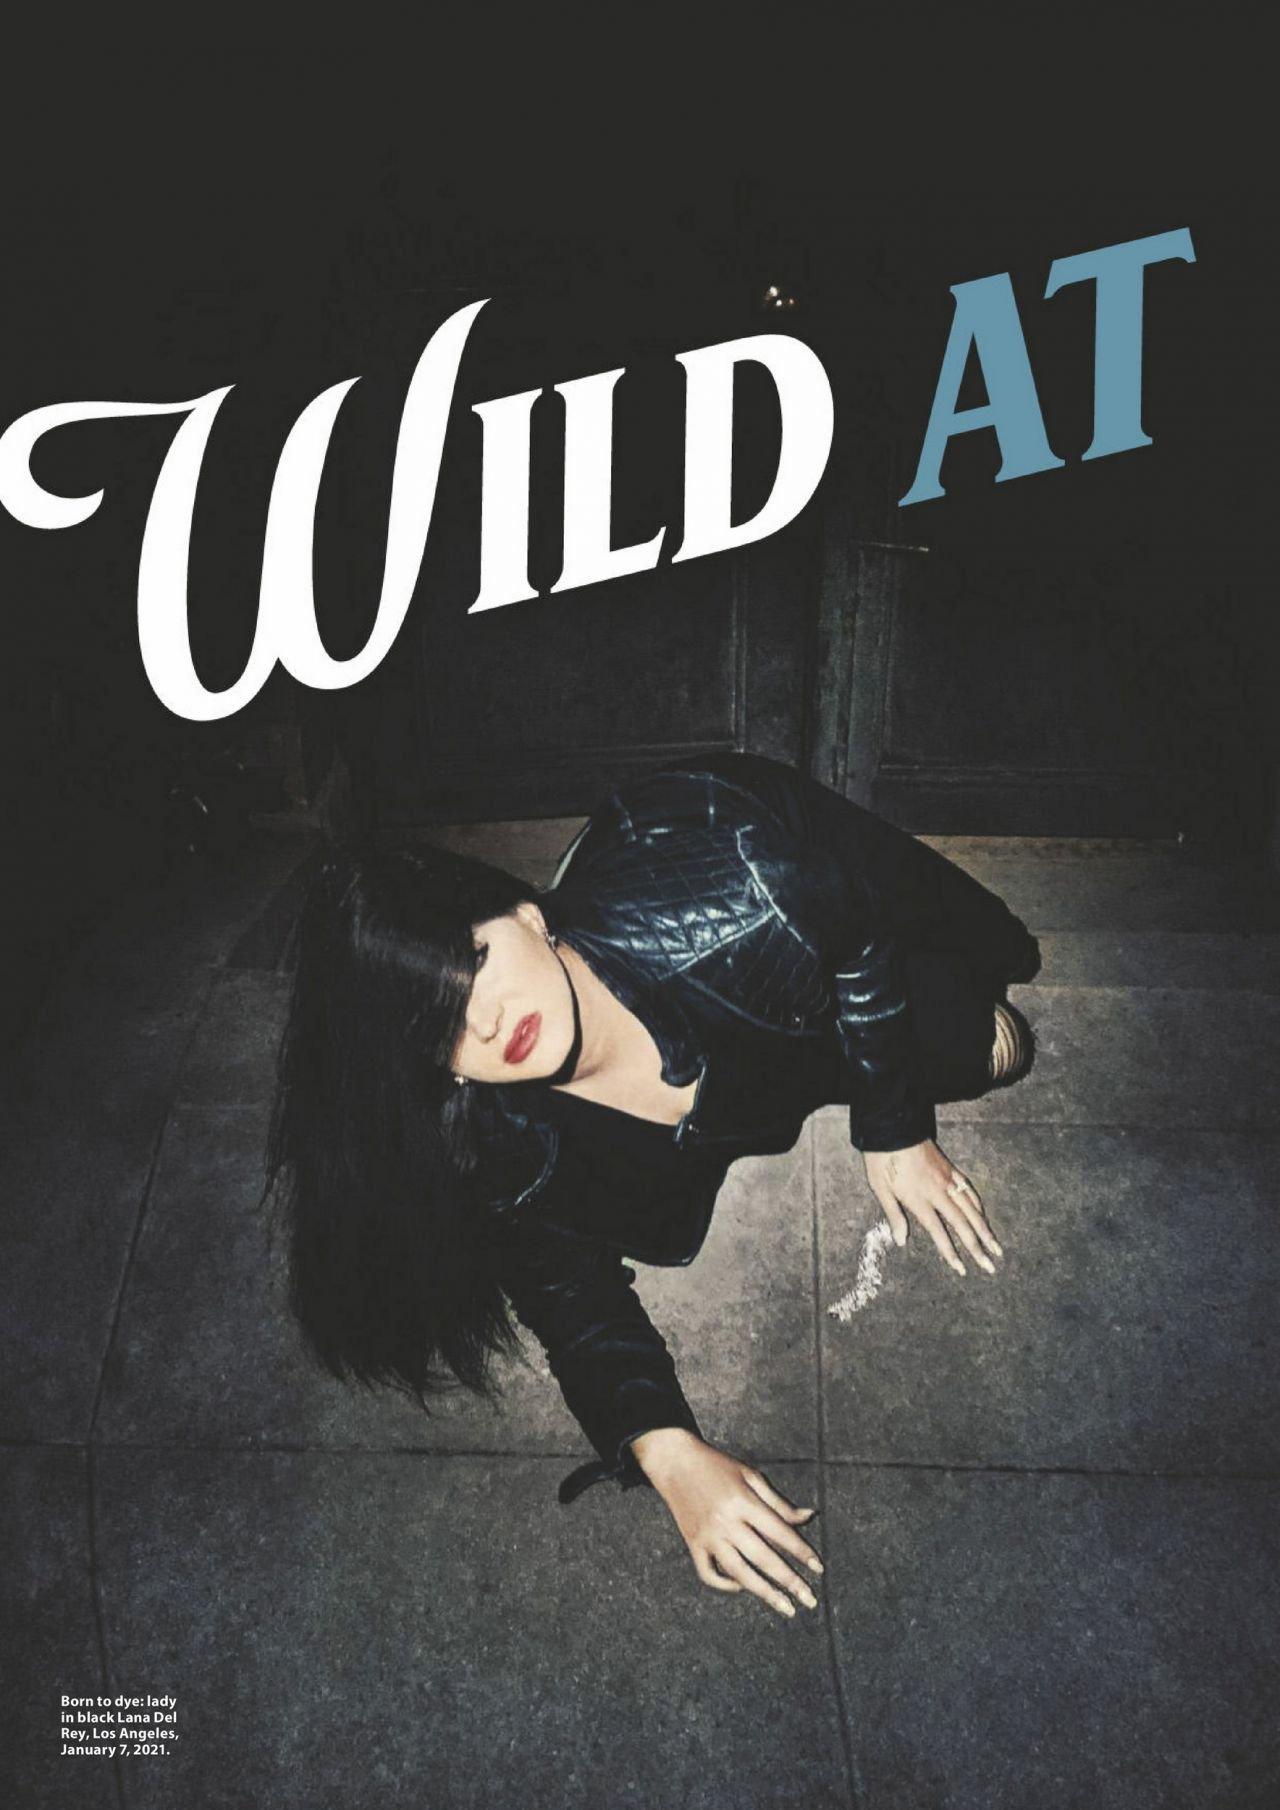 Лана Дель Рей появилась в необычной фотосессии, расположившись на уличной плитке